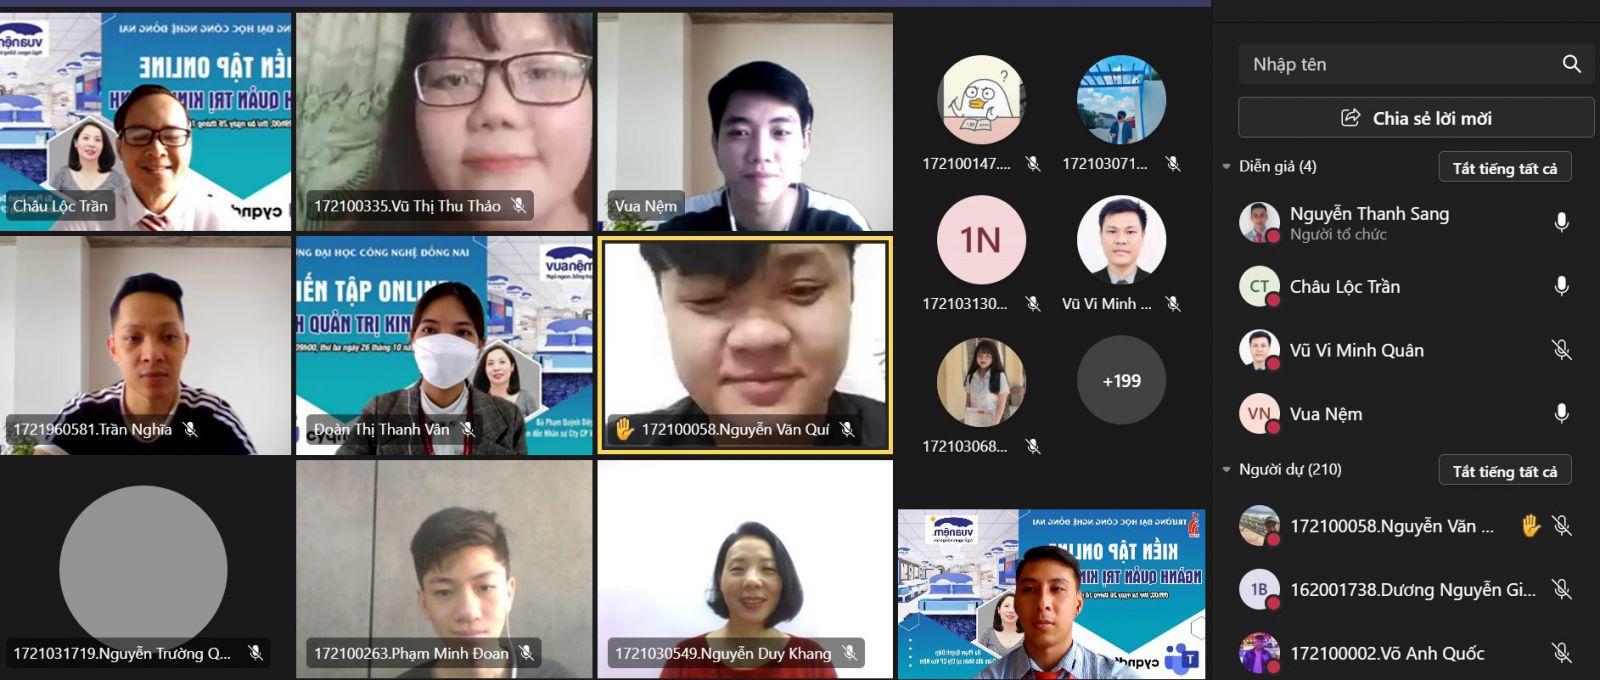 Kiến tập và Định hướng nghề nghiệp cho Tân sinh viên ngành Quản trị kinh doanh